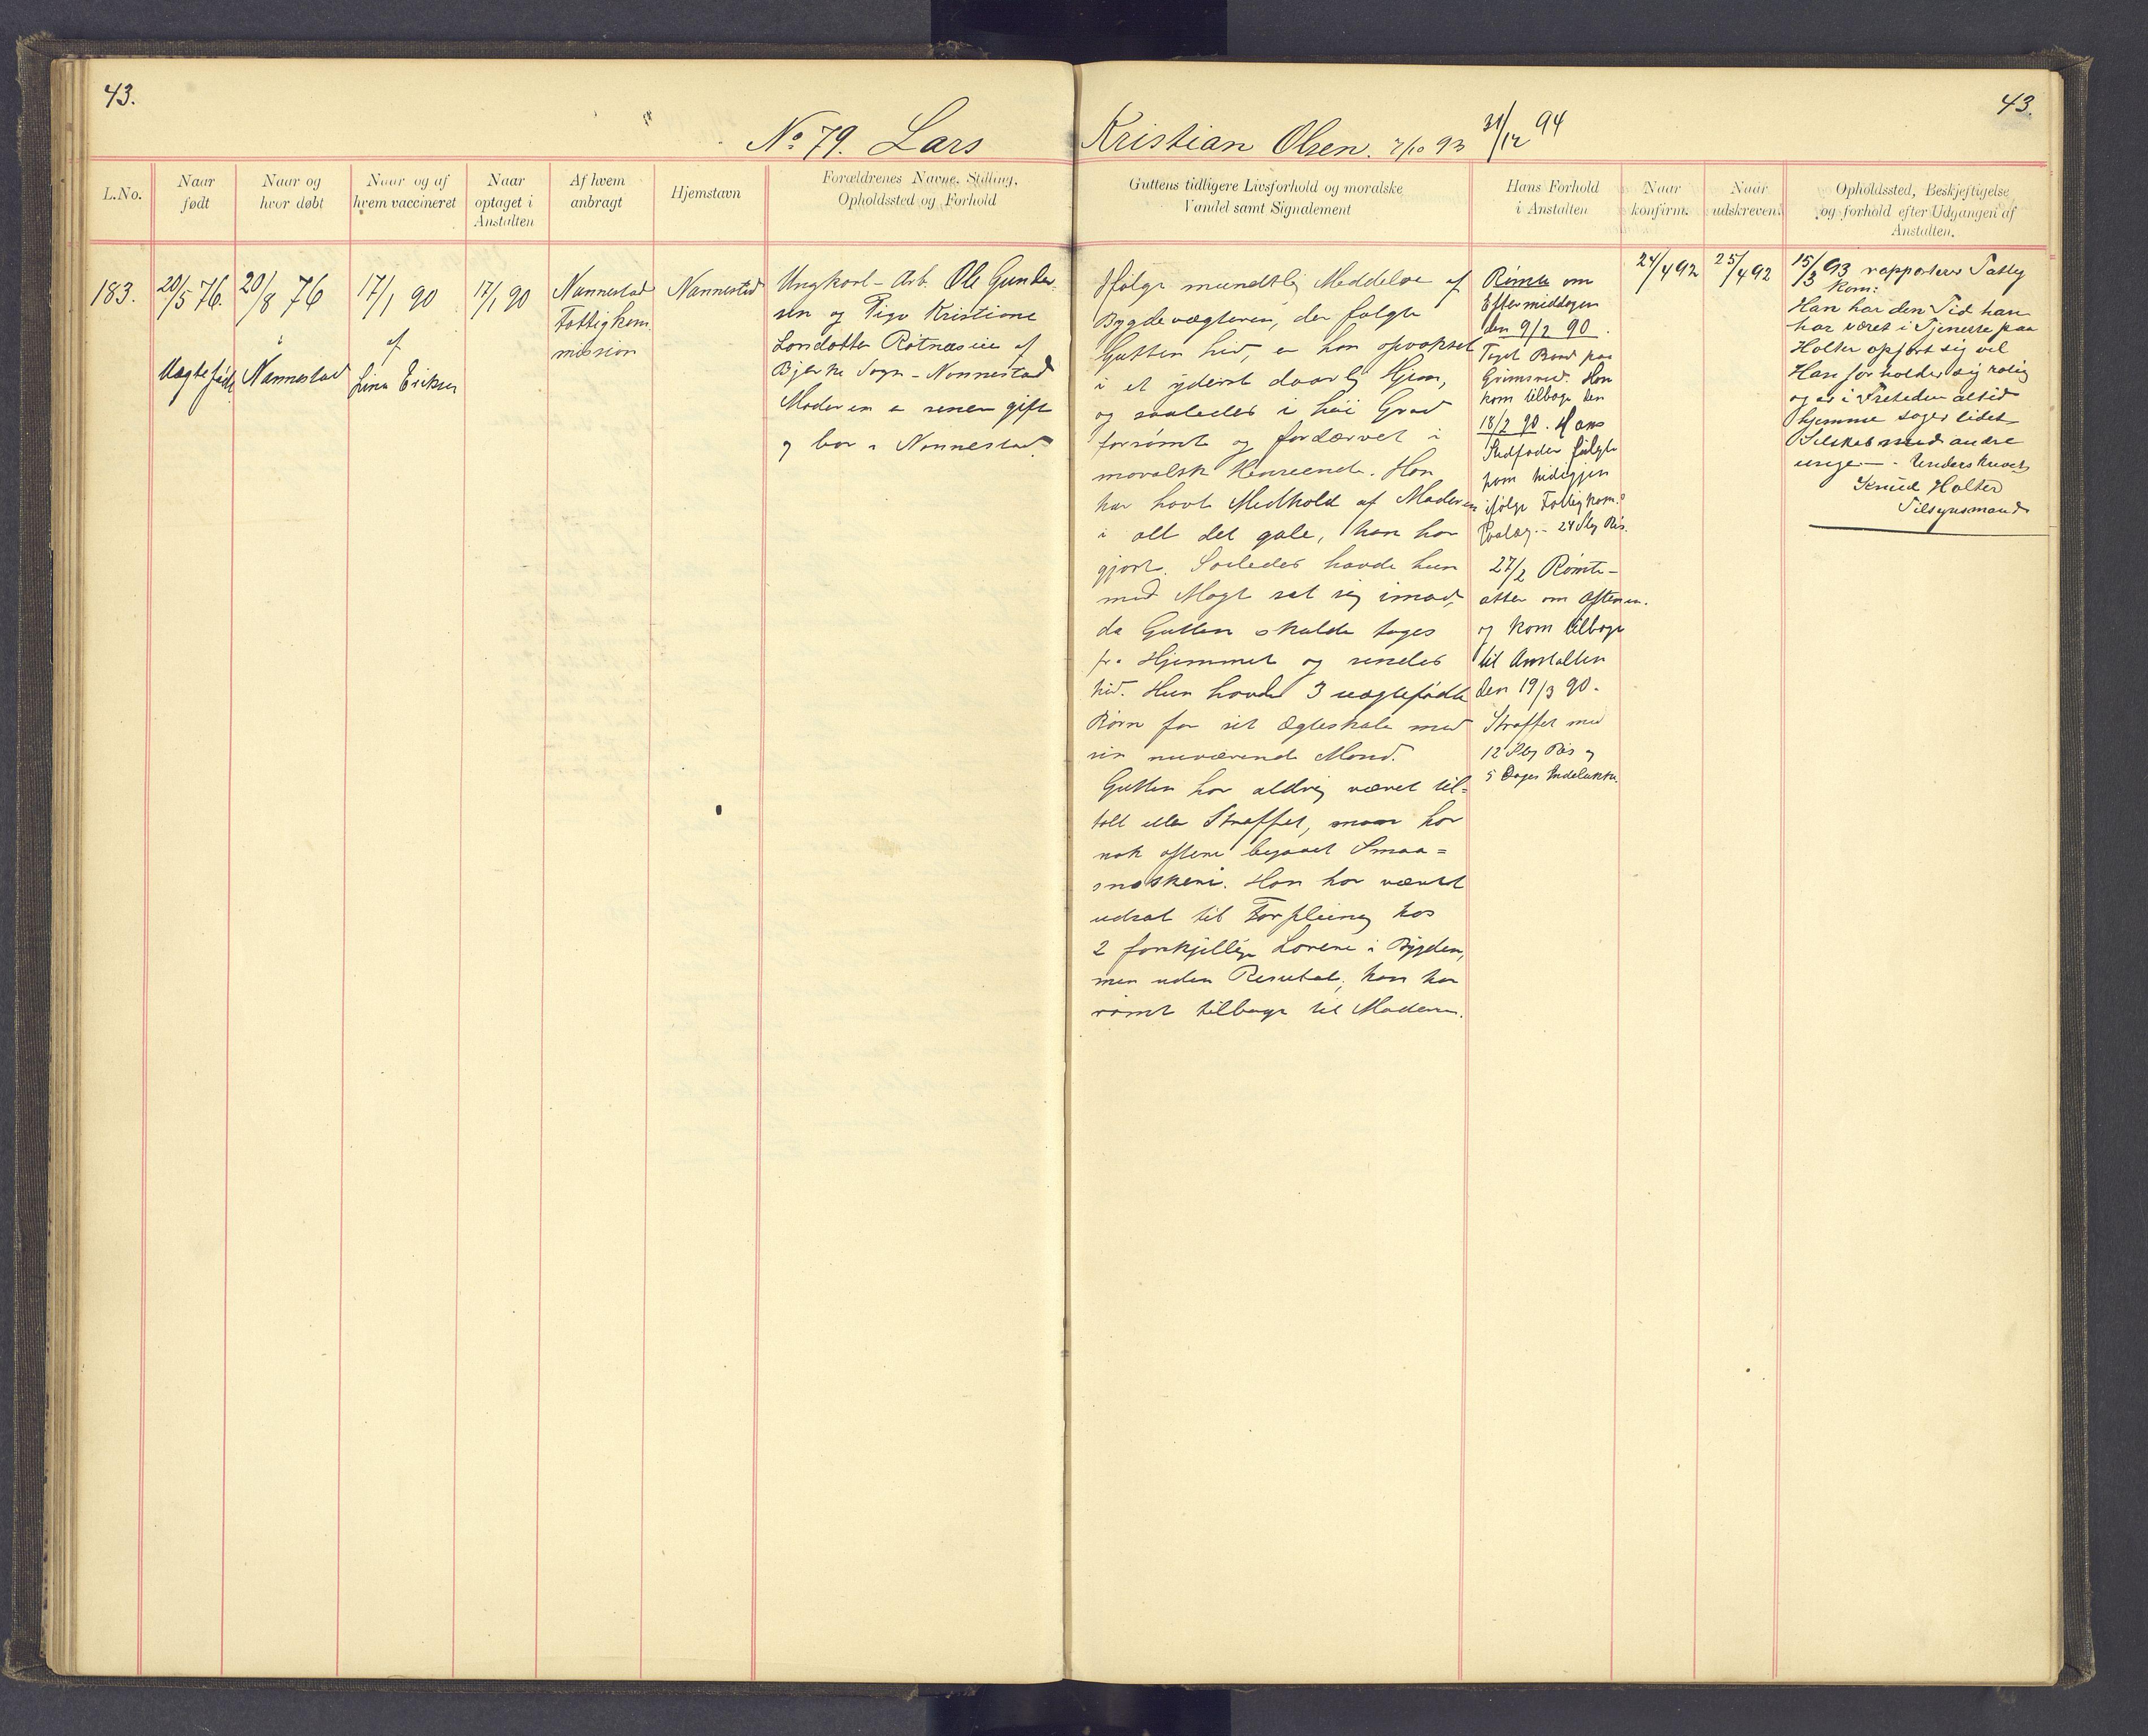 SAH, Toftes Gave, F/Fc/L0004: Elevprotokoll, 1885-1897, s. 43